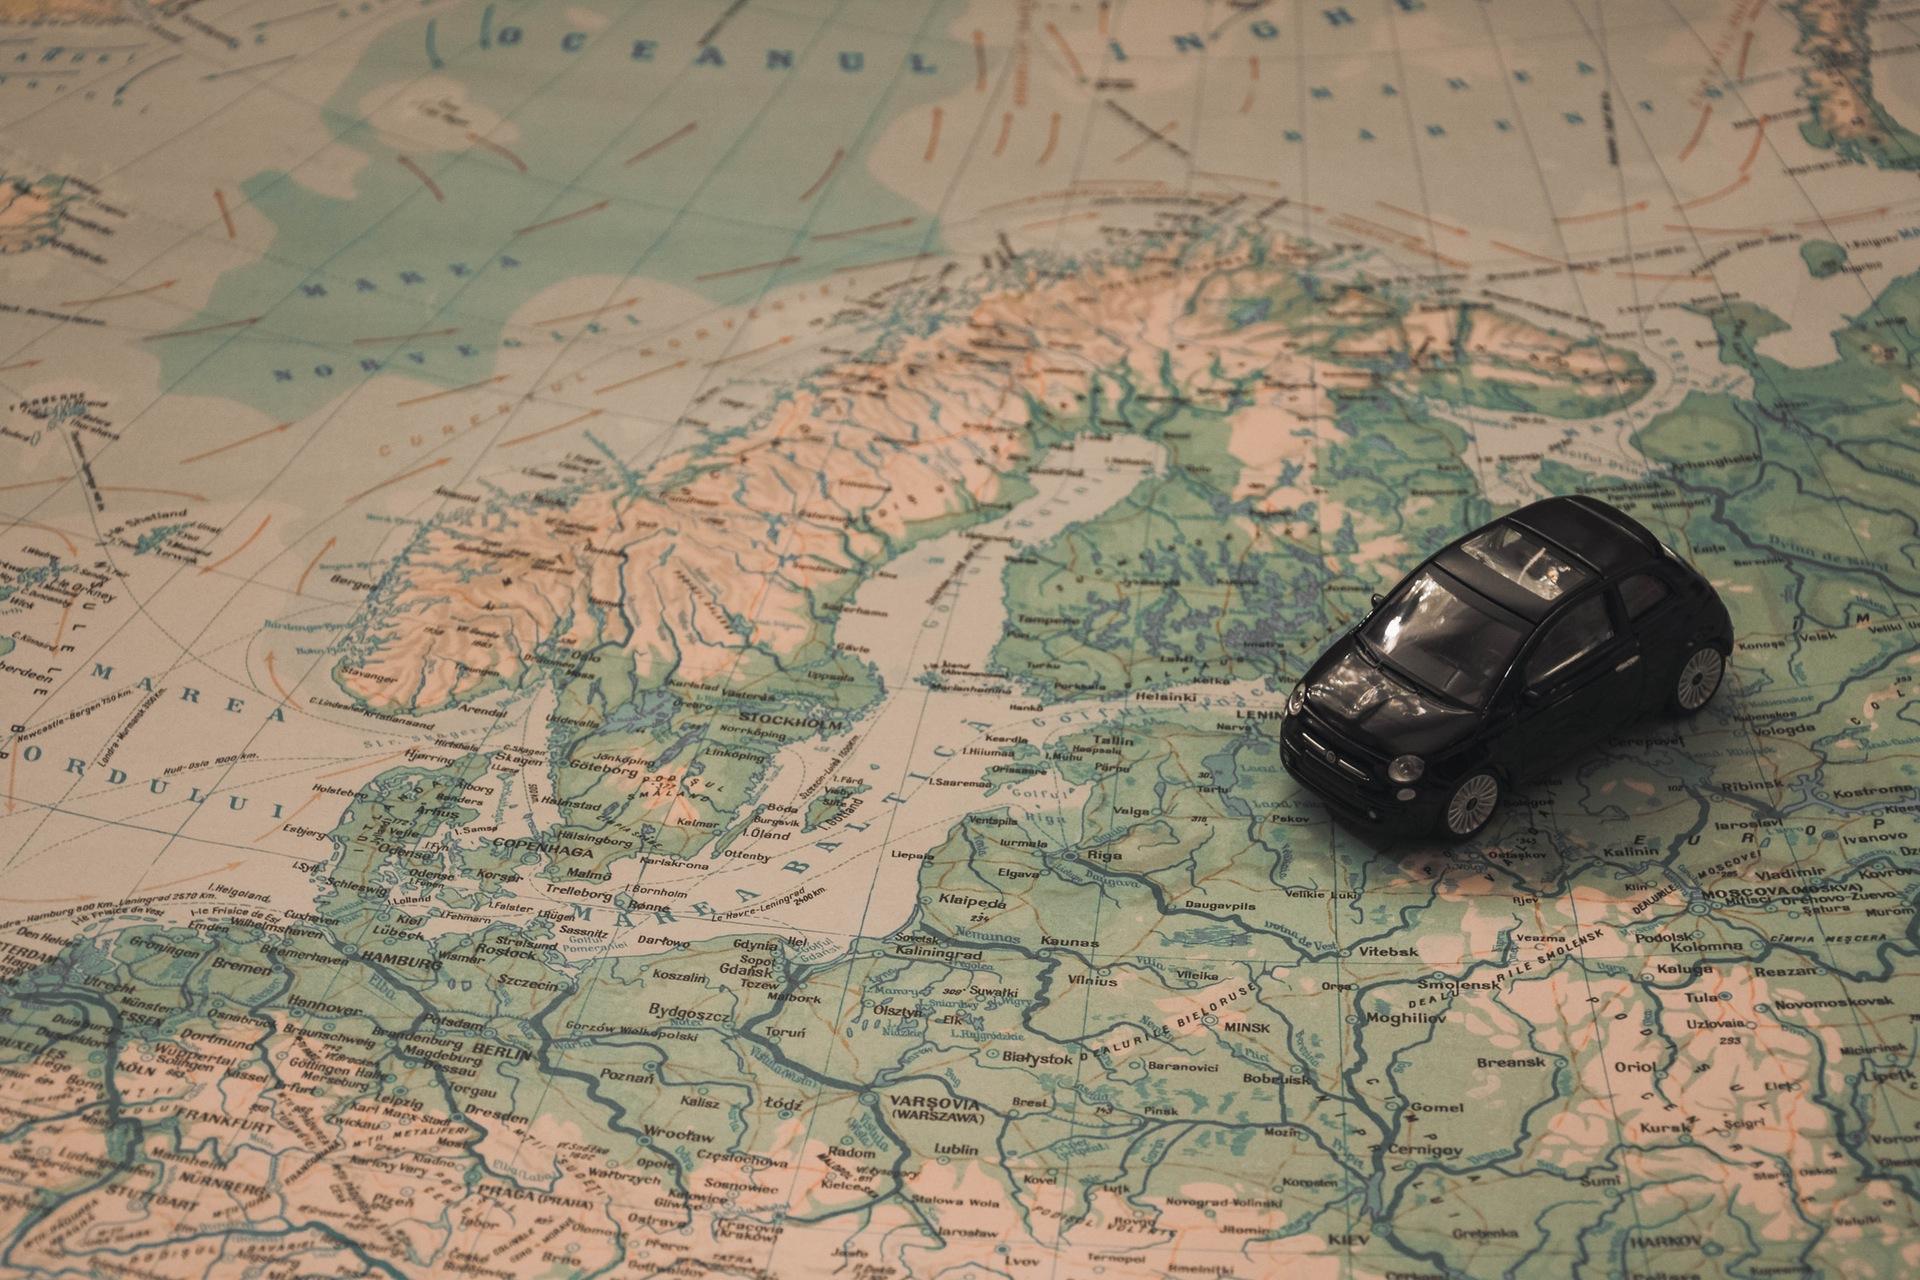 地図, 車, ルート, 冒険, 旅行, グッズ - HD の壁紙 - 教授-falken.com